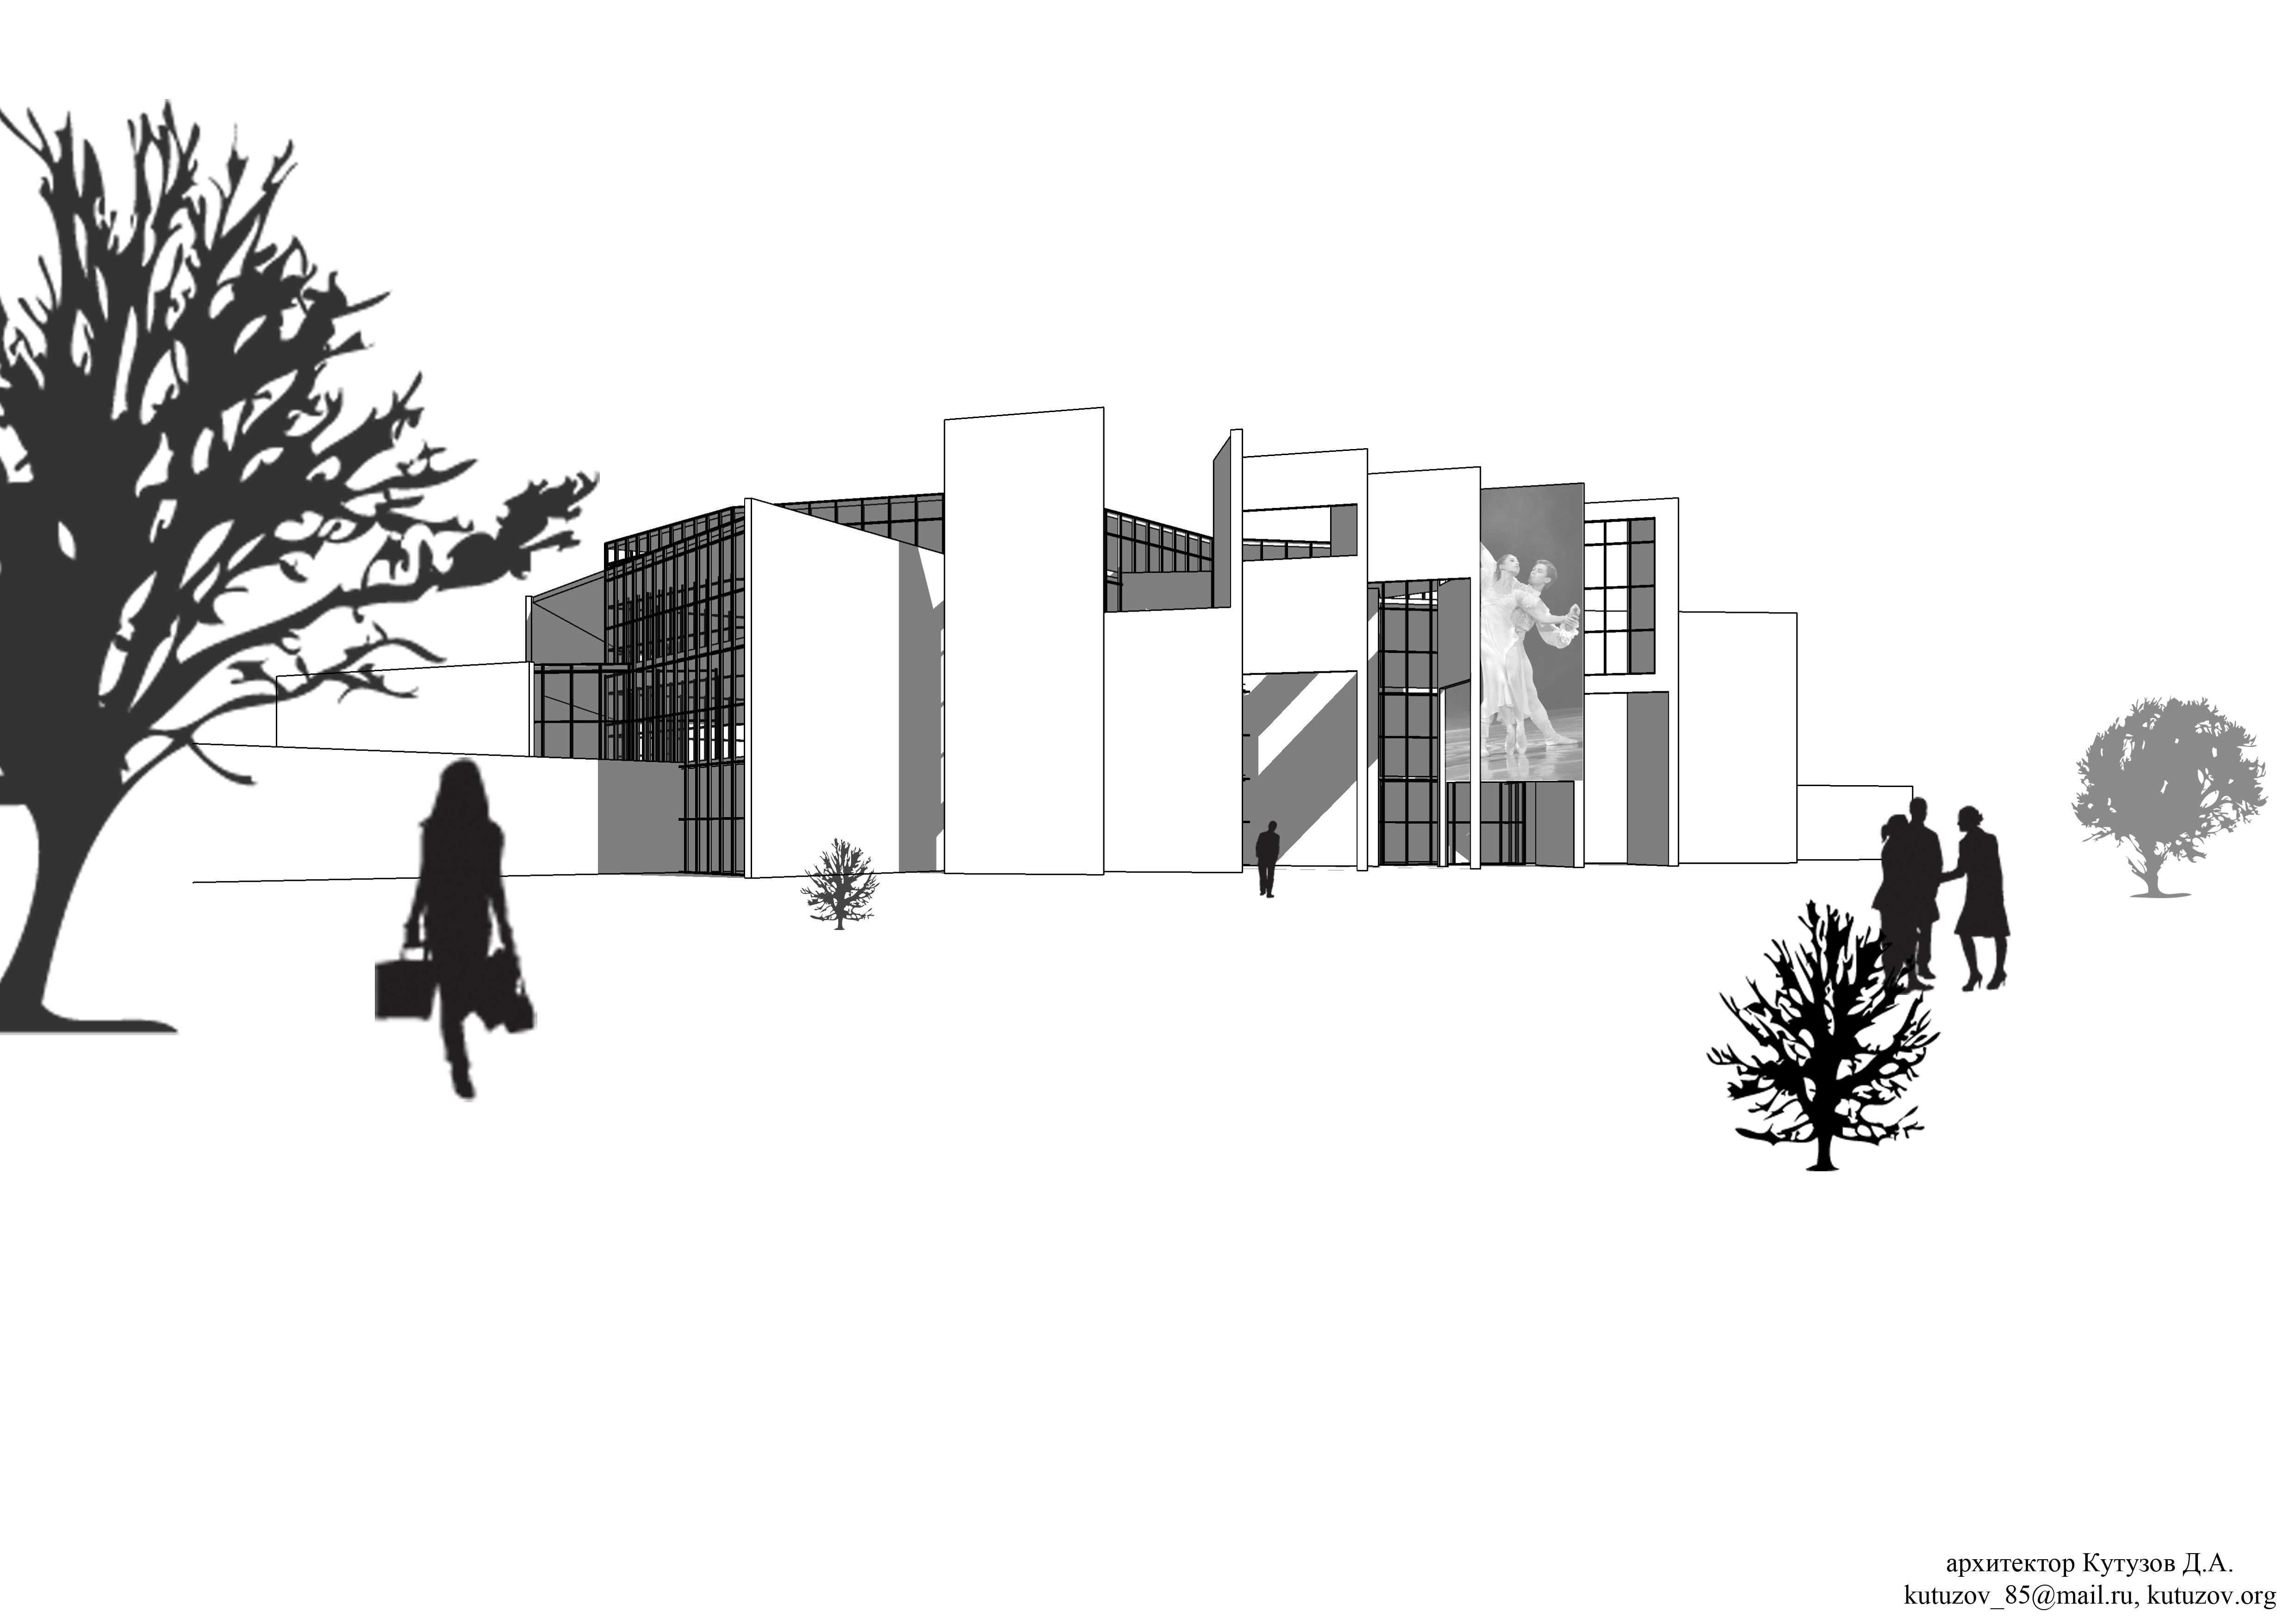 Разработка архитектурной концепции театра оперы и балета фото f_23852ee8edcb23f4.jpg